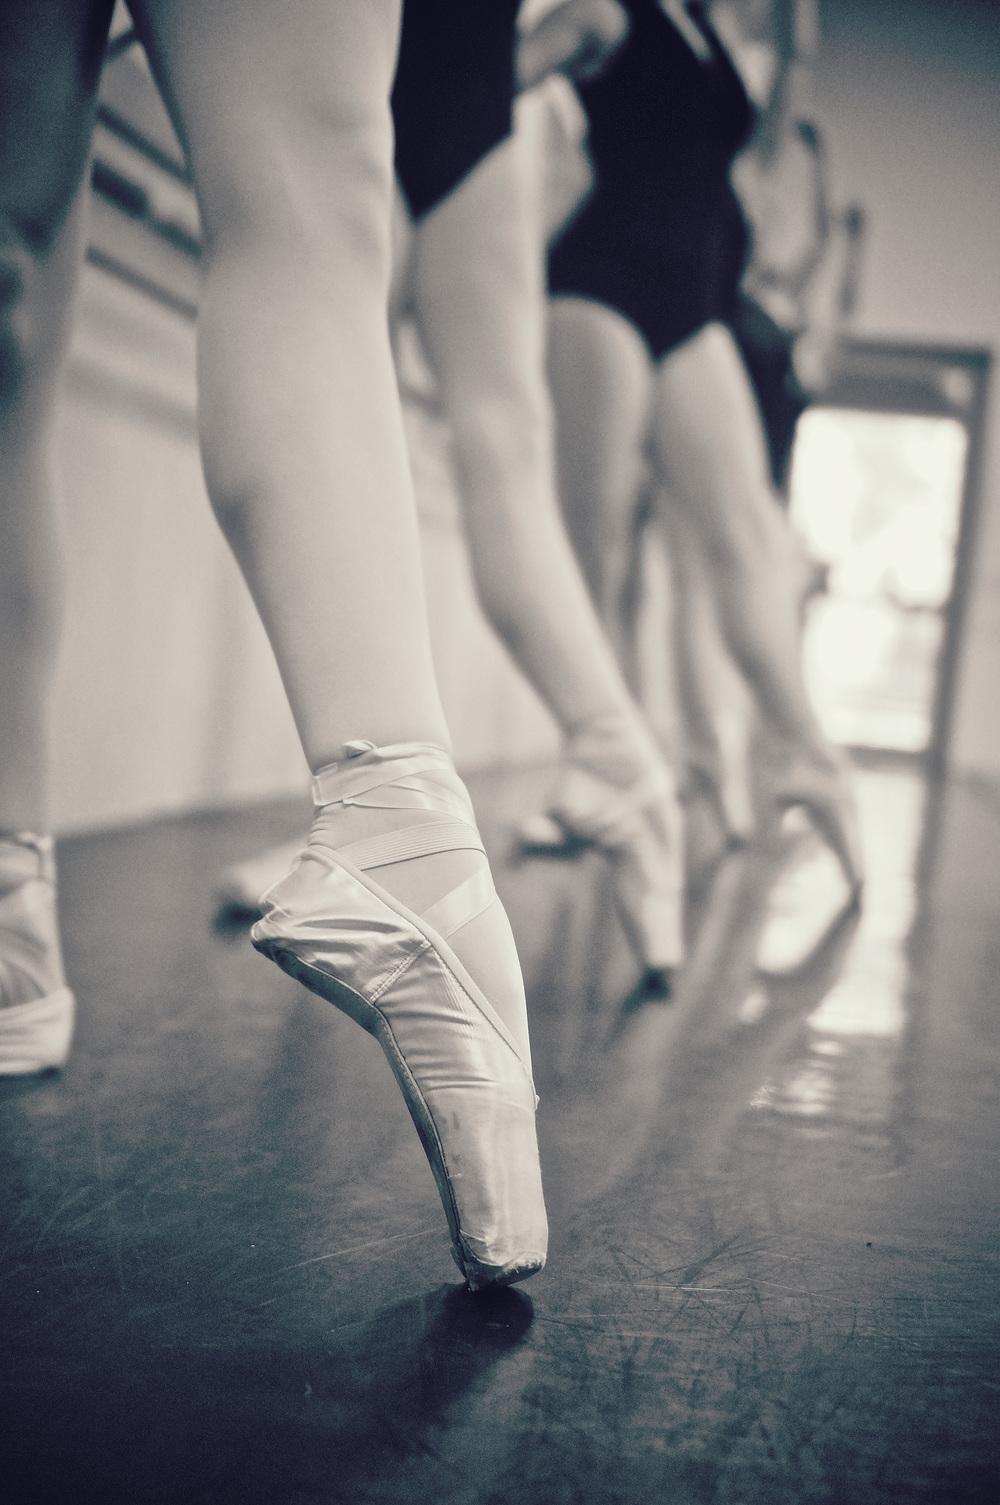 Del_Mar_Ballet_ZCode_40.jpg